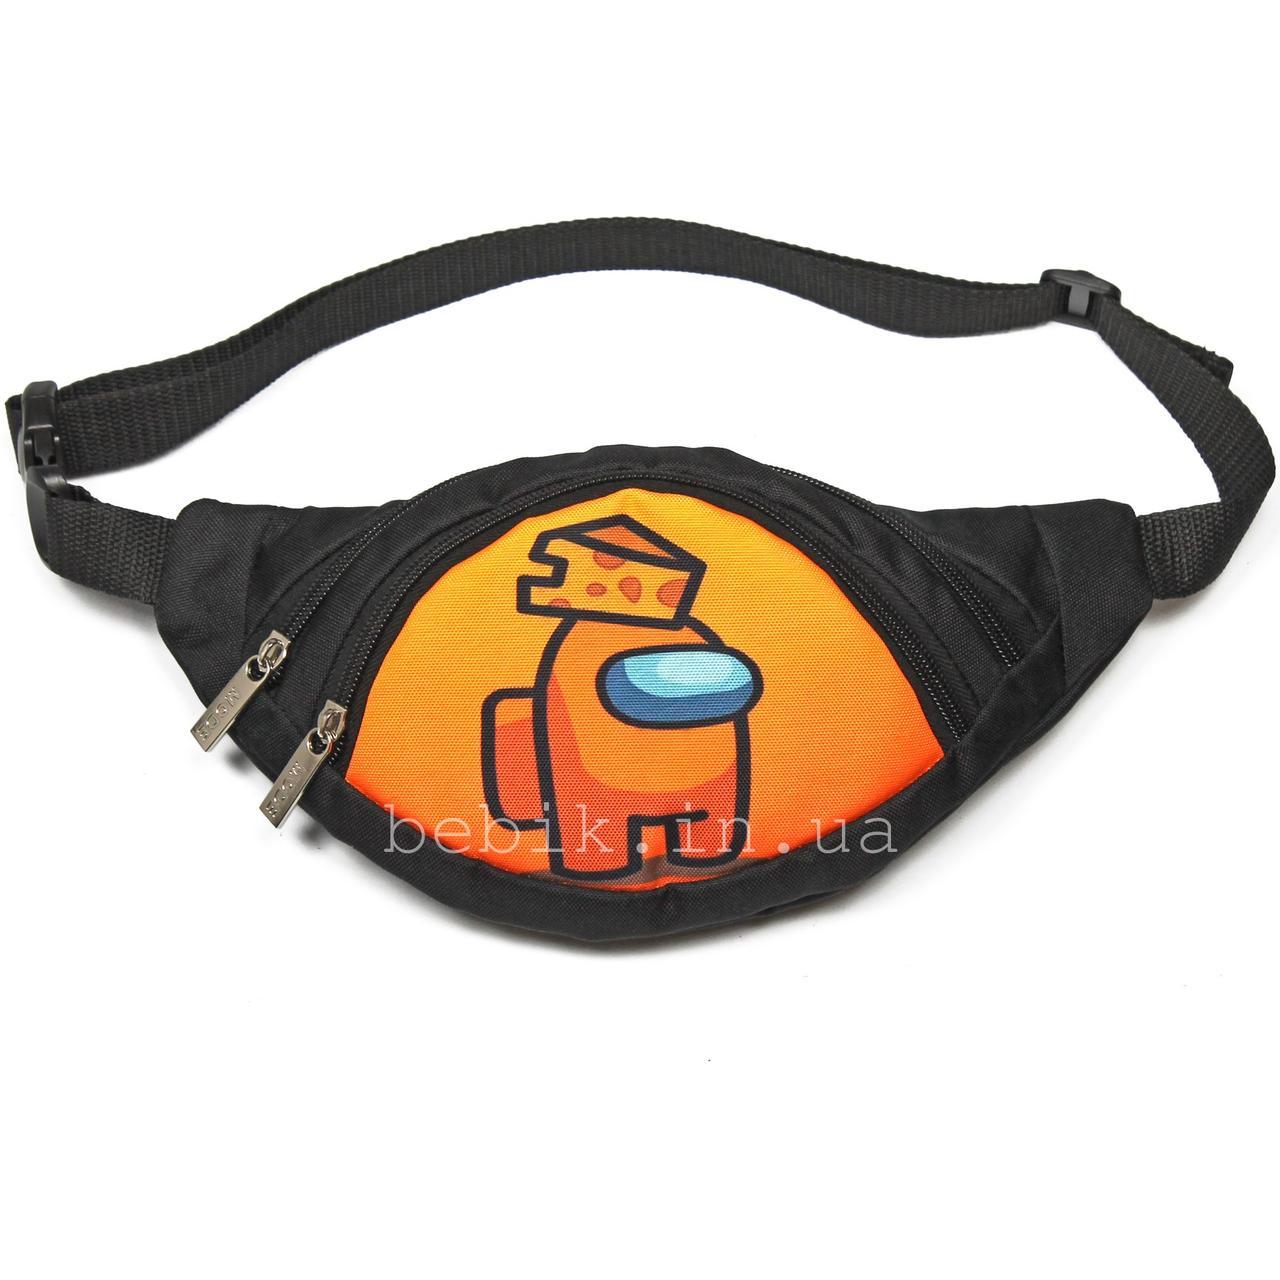 Детская поясная сумка Амонг Ас  28*14 см